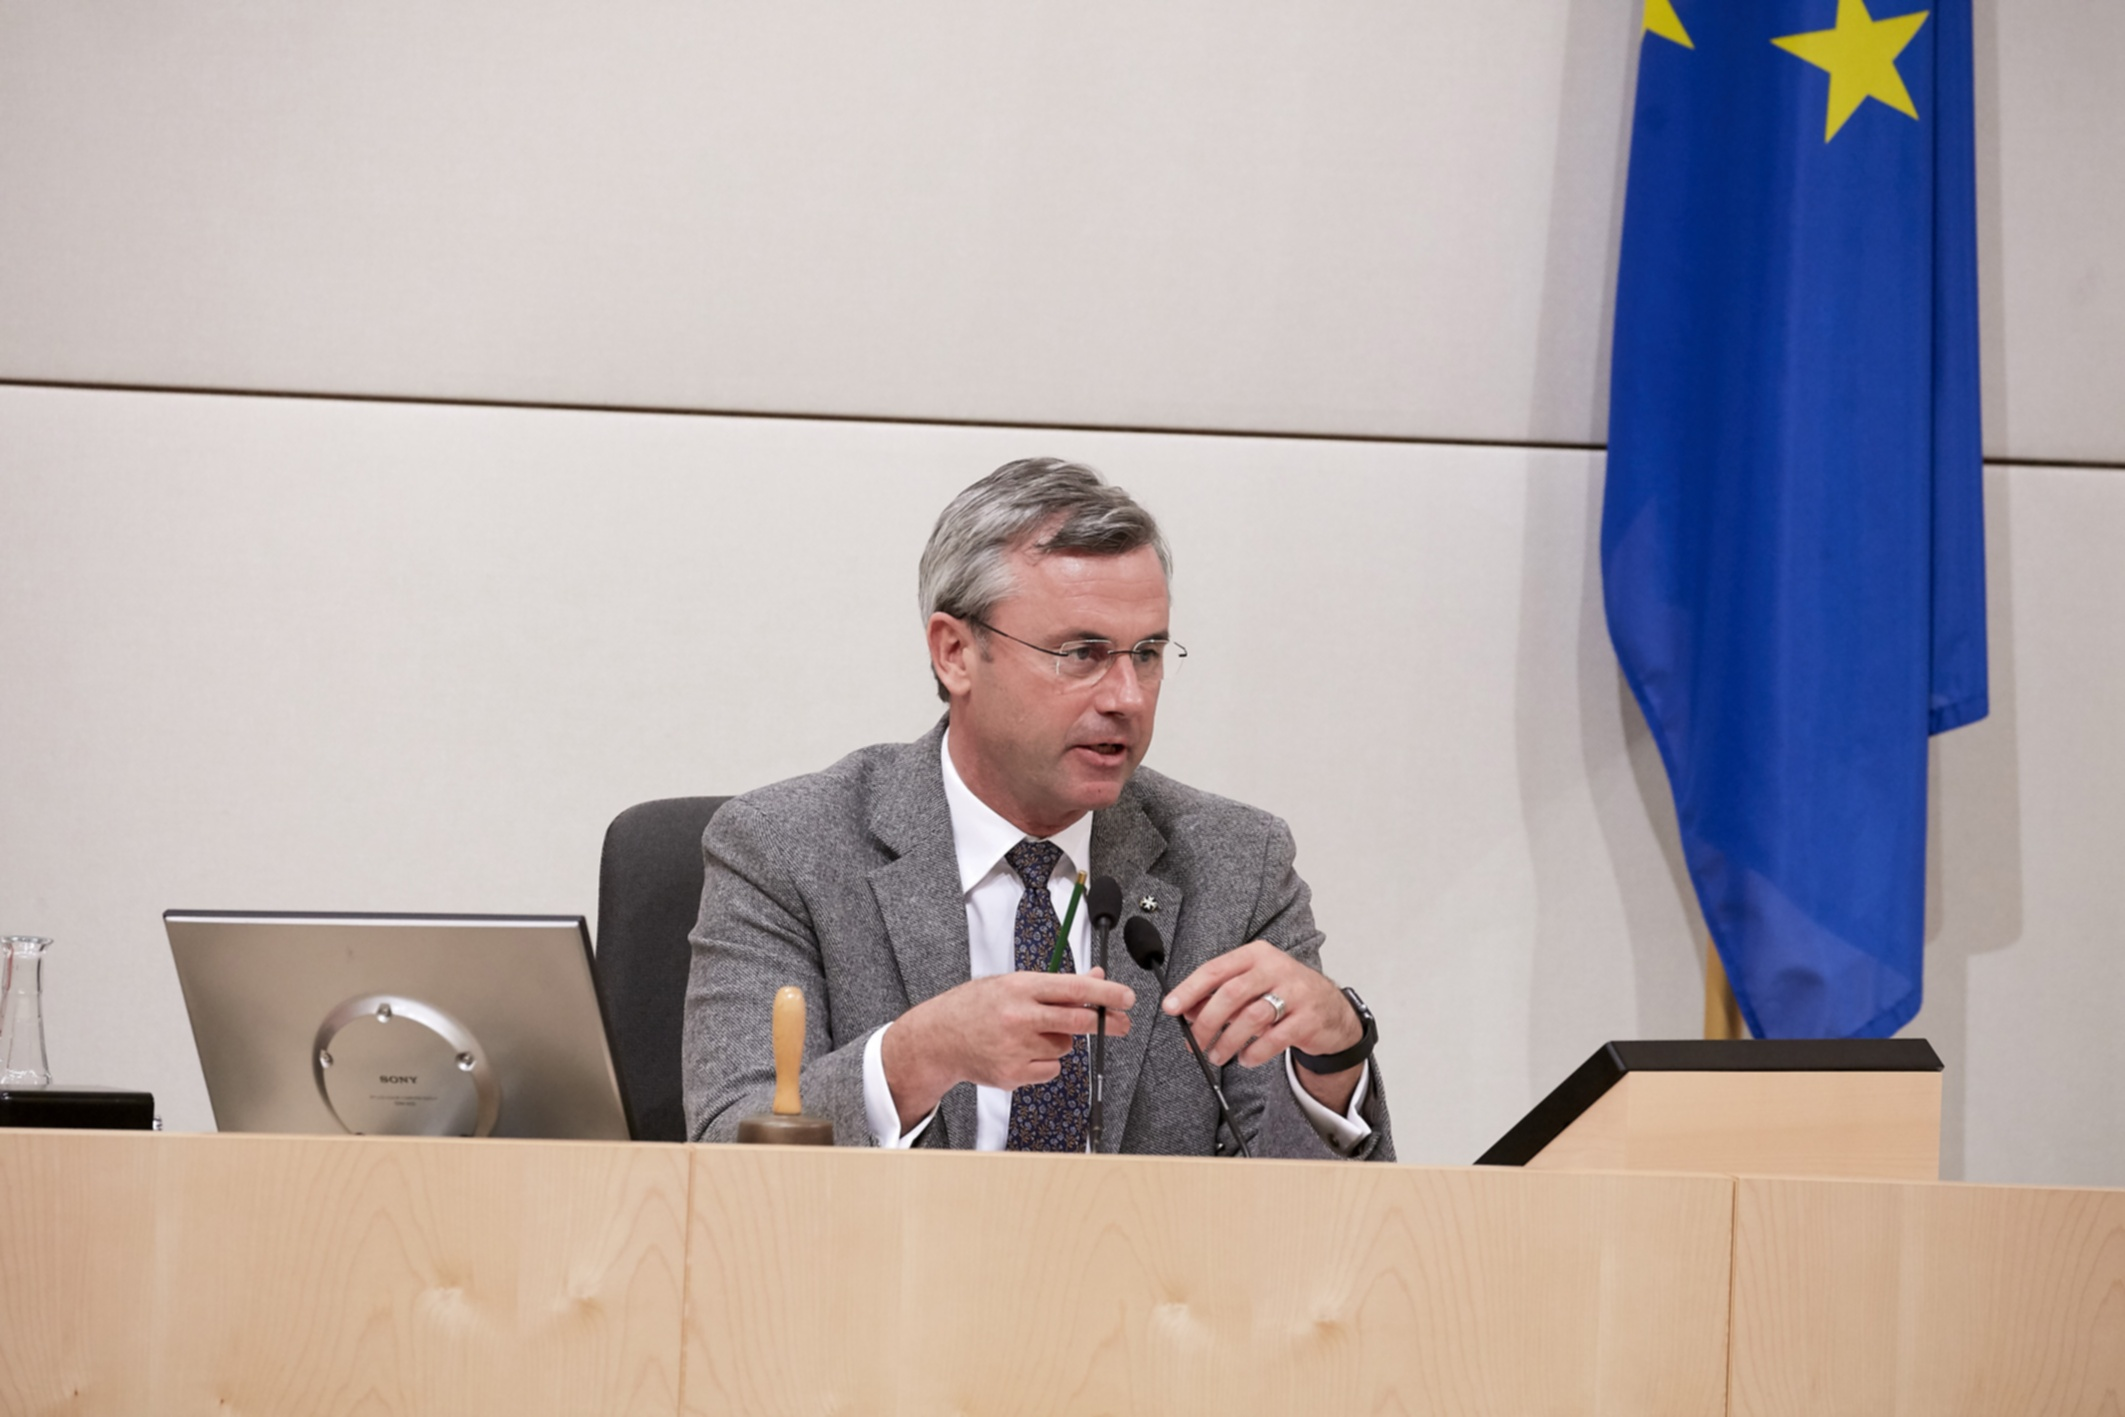 Norbert Hofer (FPÖ) forderte zur Einhaltung der Maskenpflicht auf, machte aber kurz darauf einen Rückzieher. Foto: Parlamentsdirektion / Thomas TopfFoto: Parlamentsdirektion / Thomas Topf